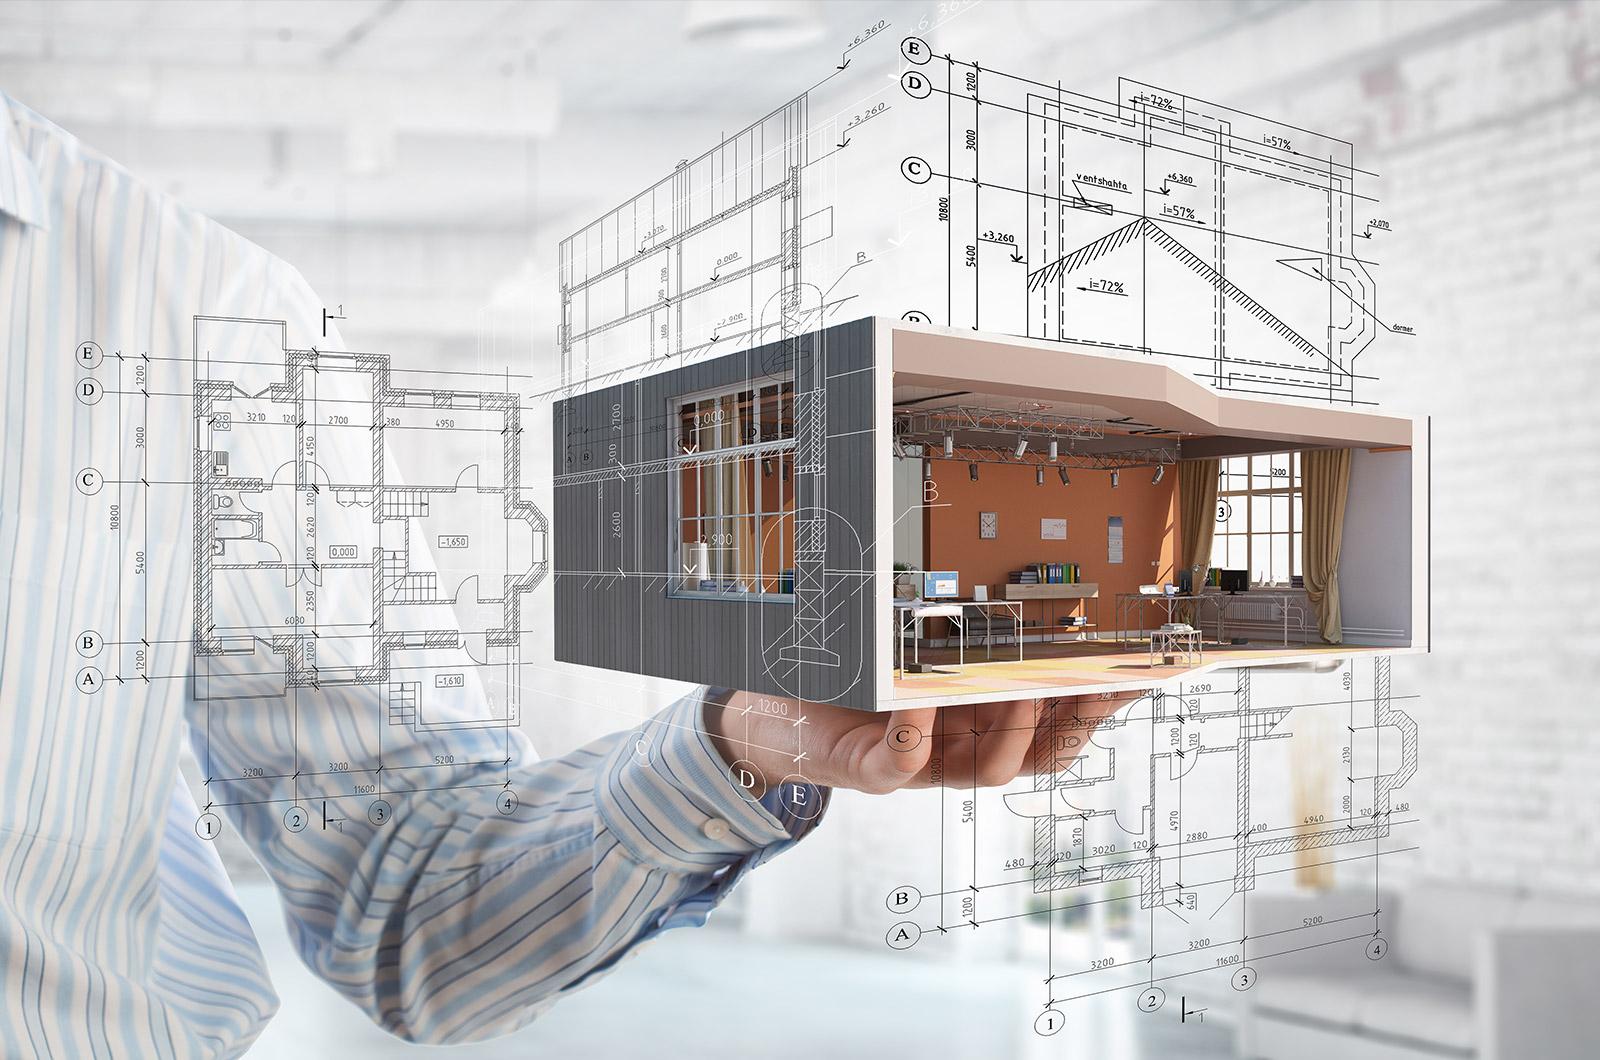 concetto ristrutturazione d'interni bim